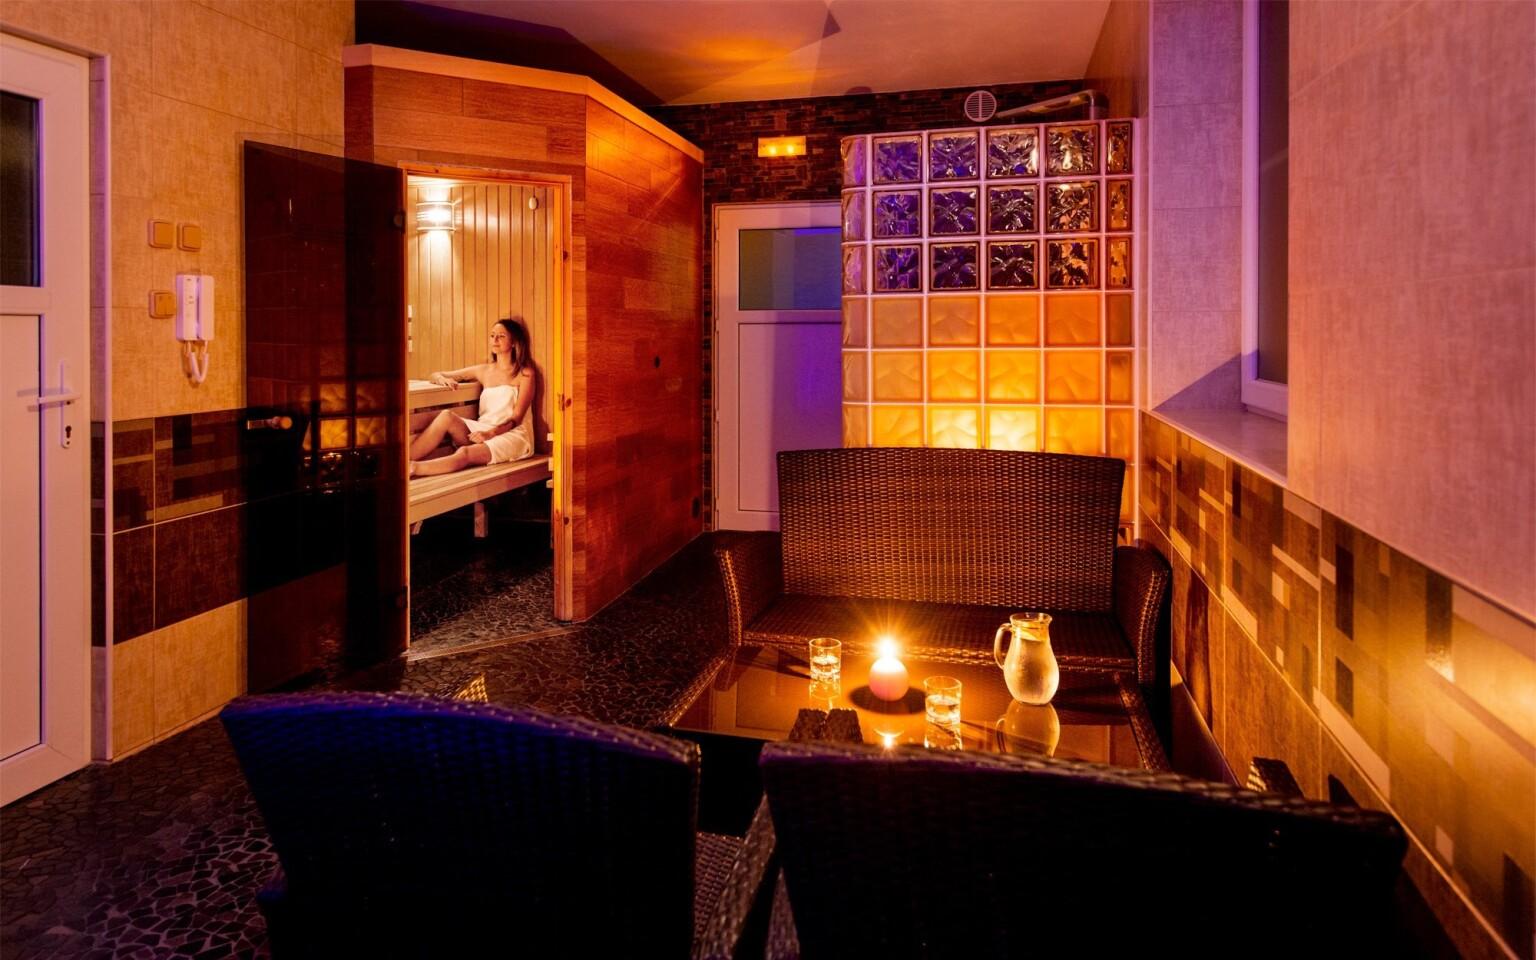 Privátní wellness, sauna, Hotel Bon, Tanvald, Jizerky